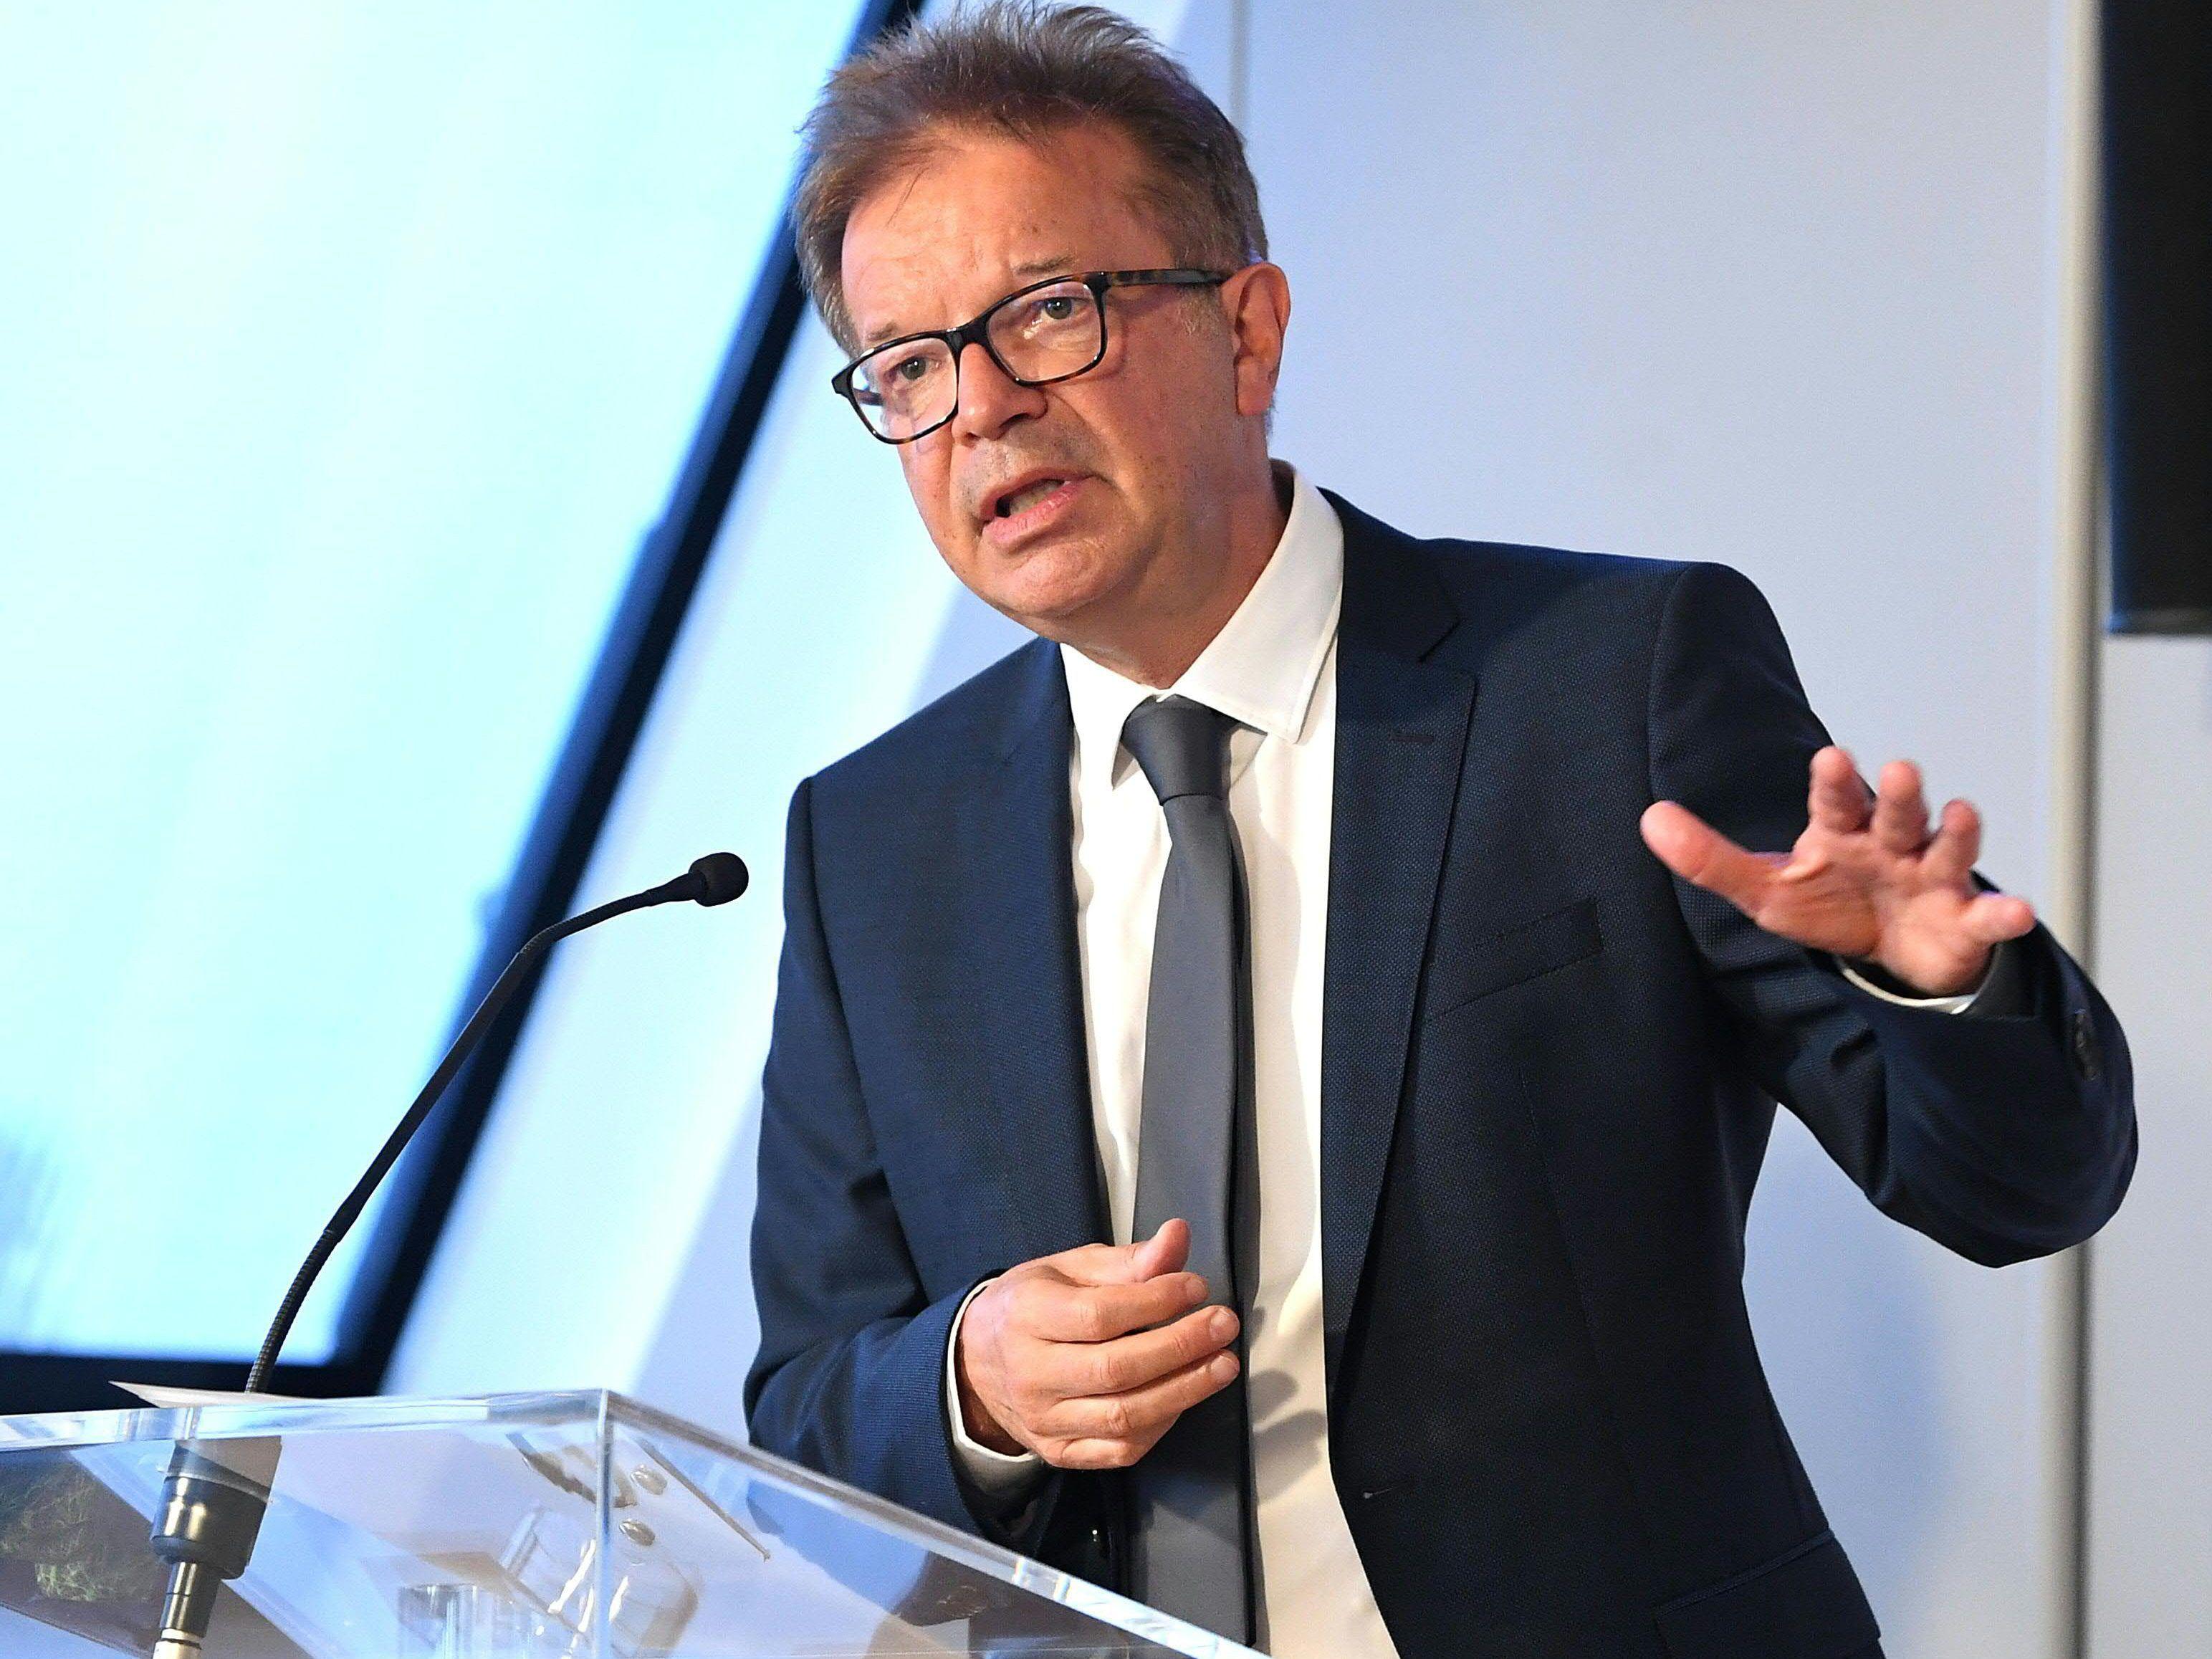 Le ministre de la Santé Rudolf Anschober (Verts) continue de faire appel malgré l'assouplissement